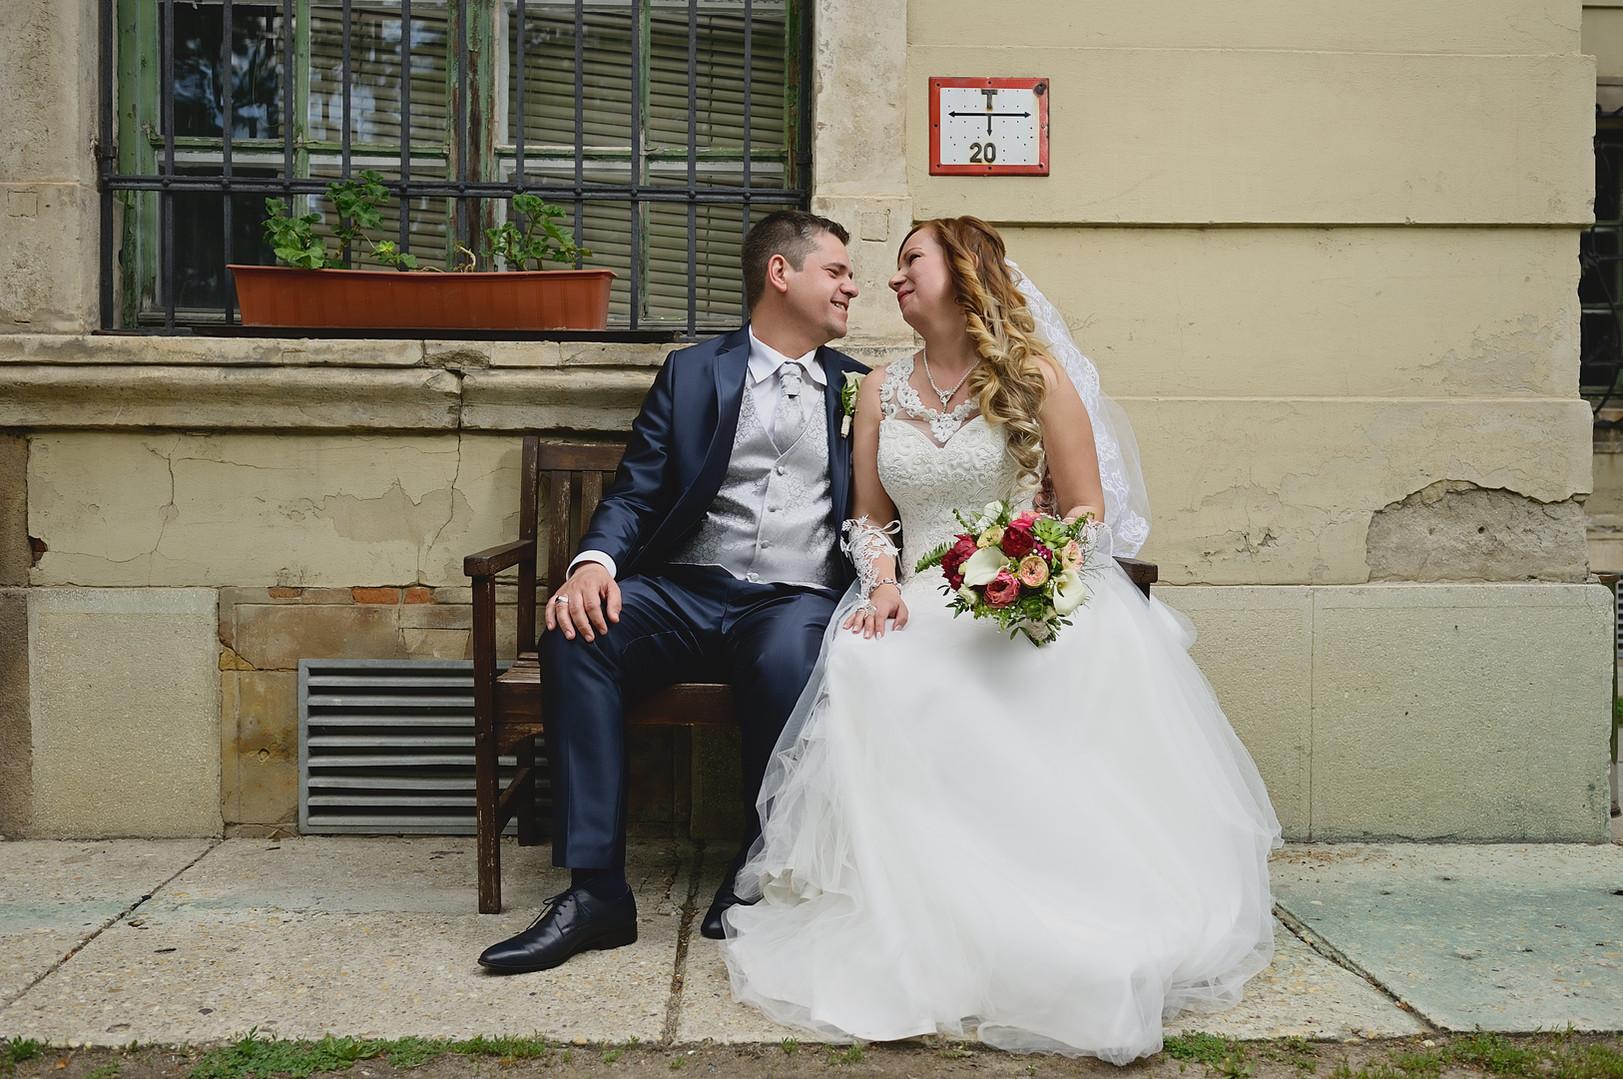 408  Esküvői fotózás - Enikő és Peti KRE